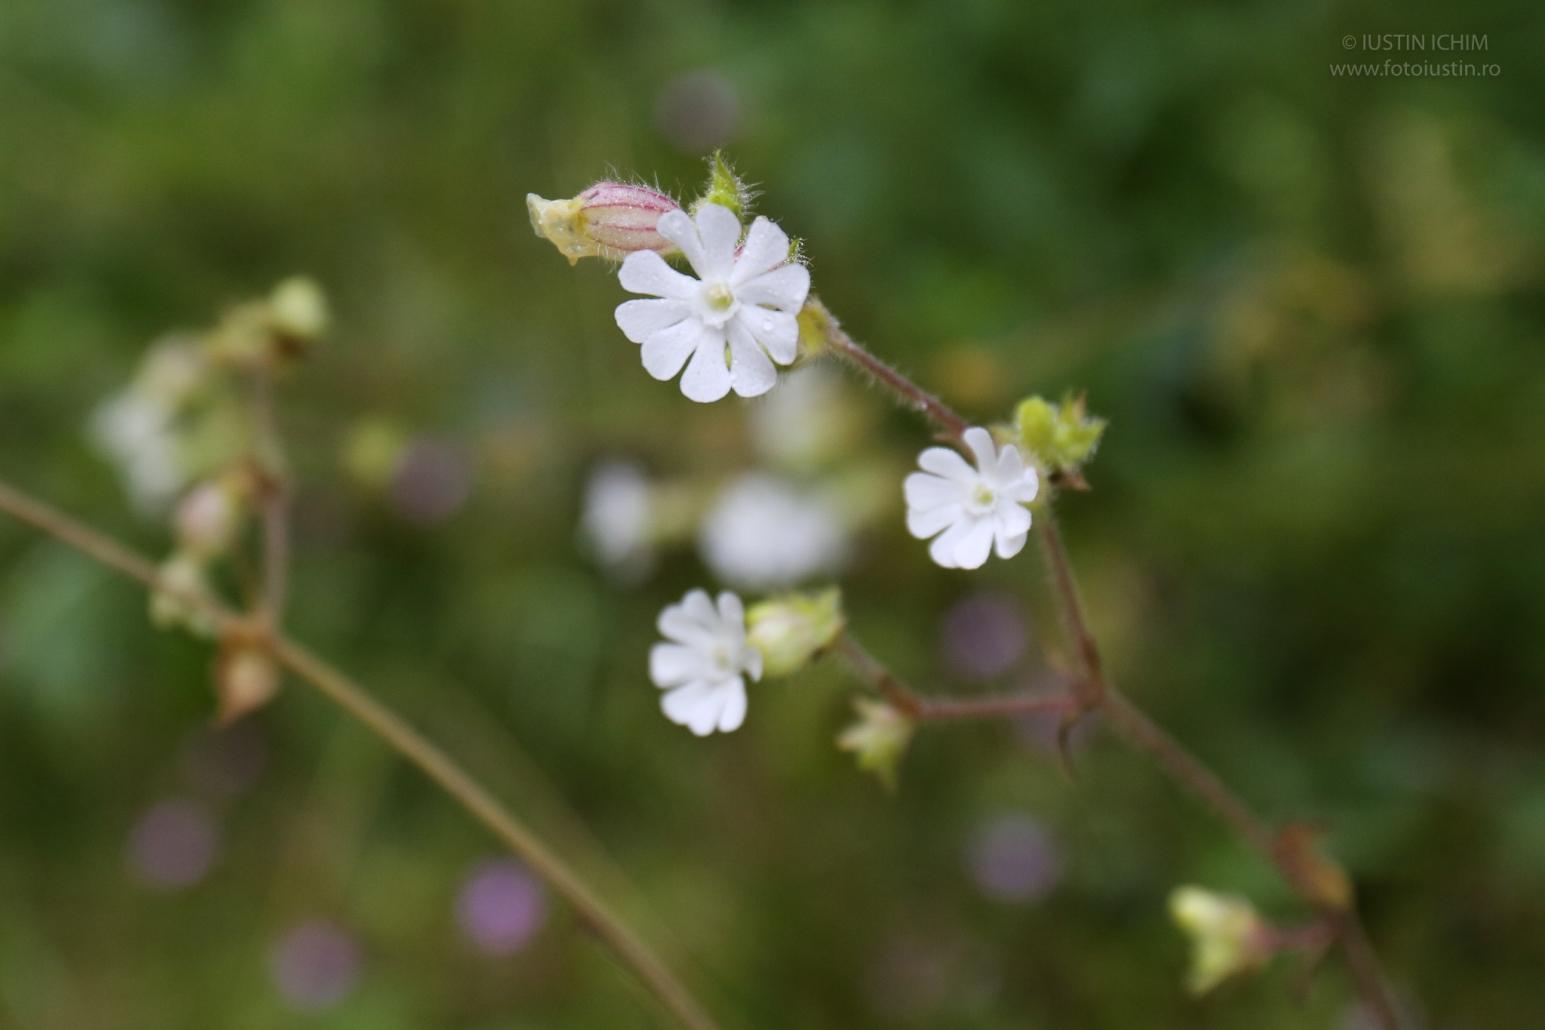 Silene latifolia, Opăiţă albă